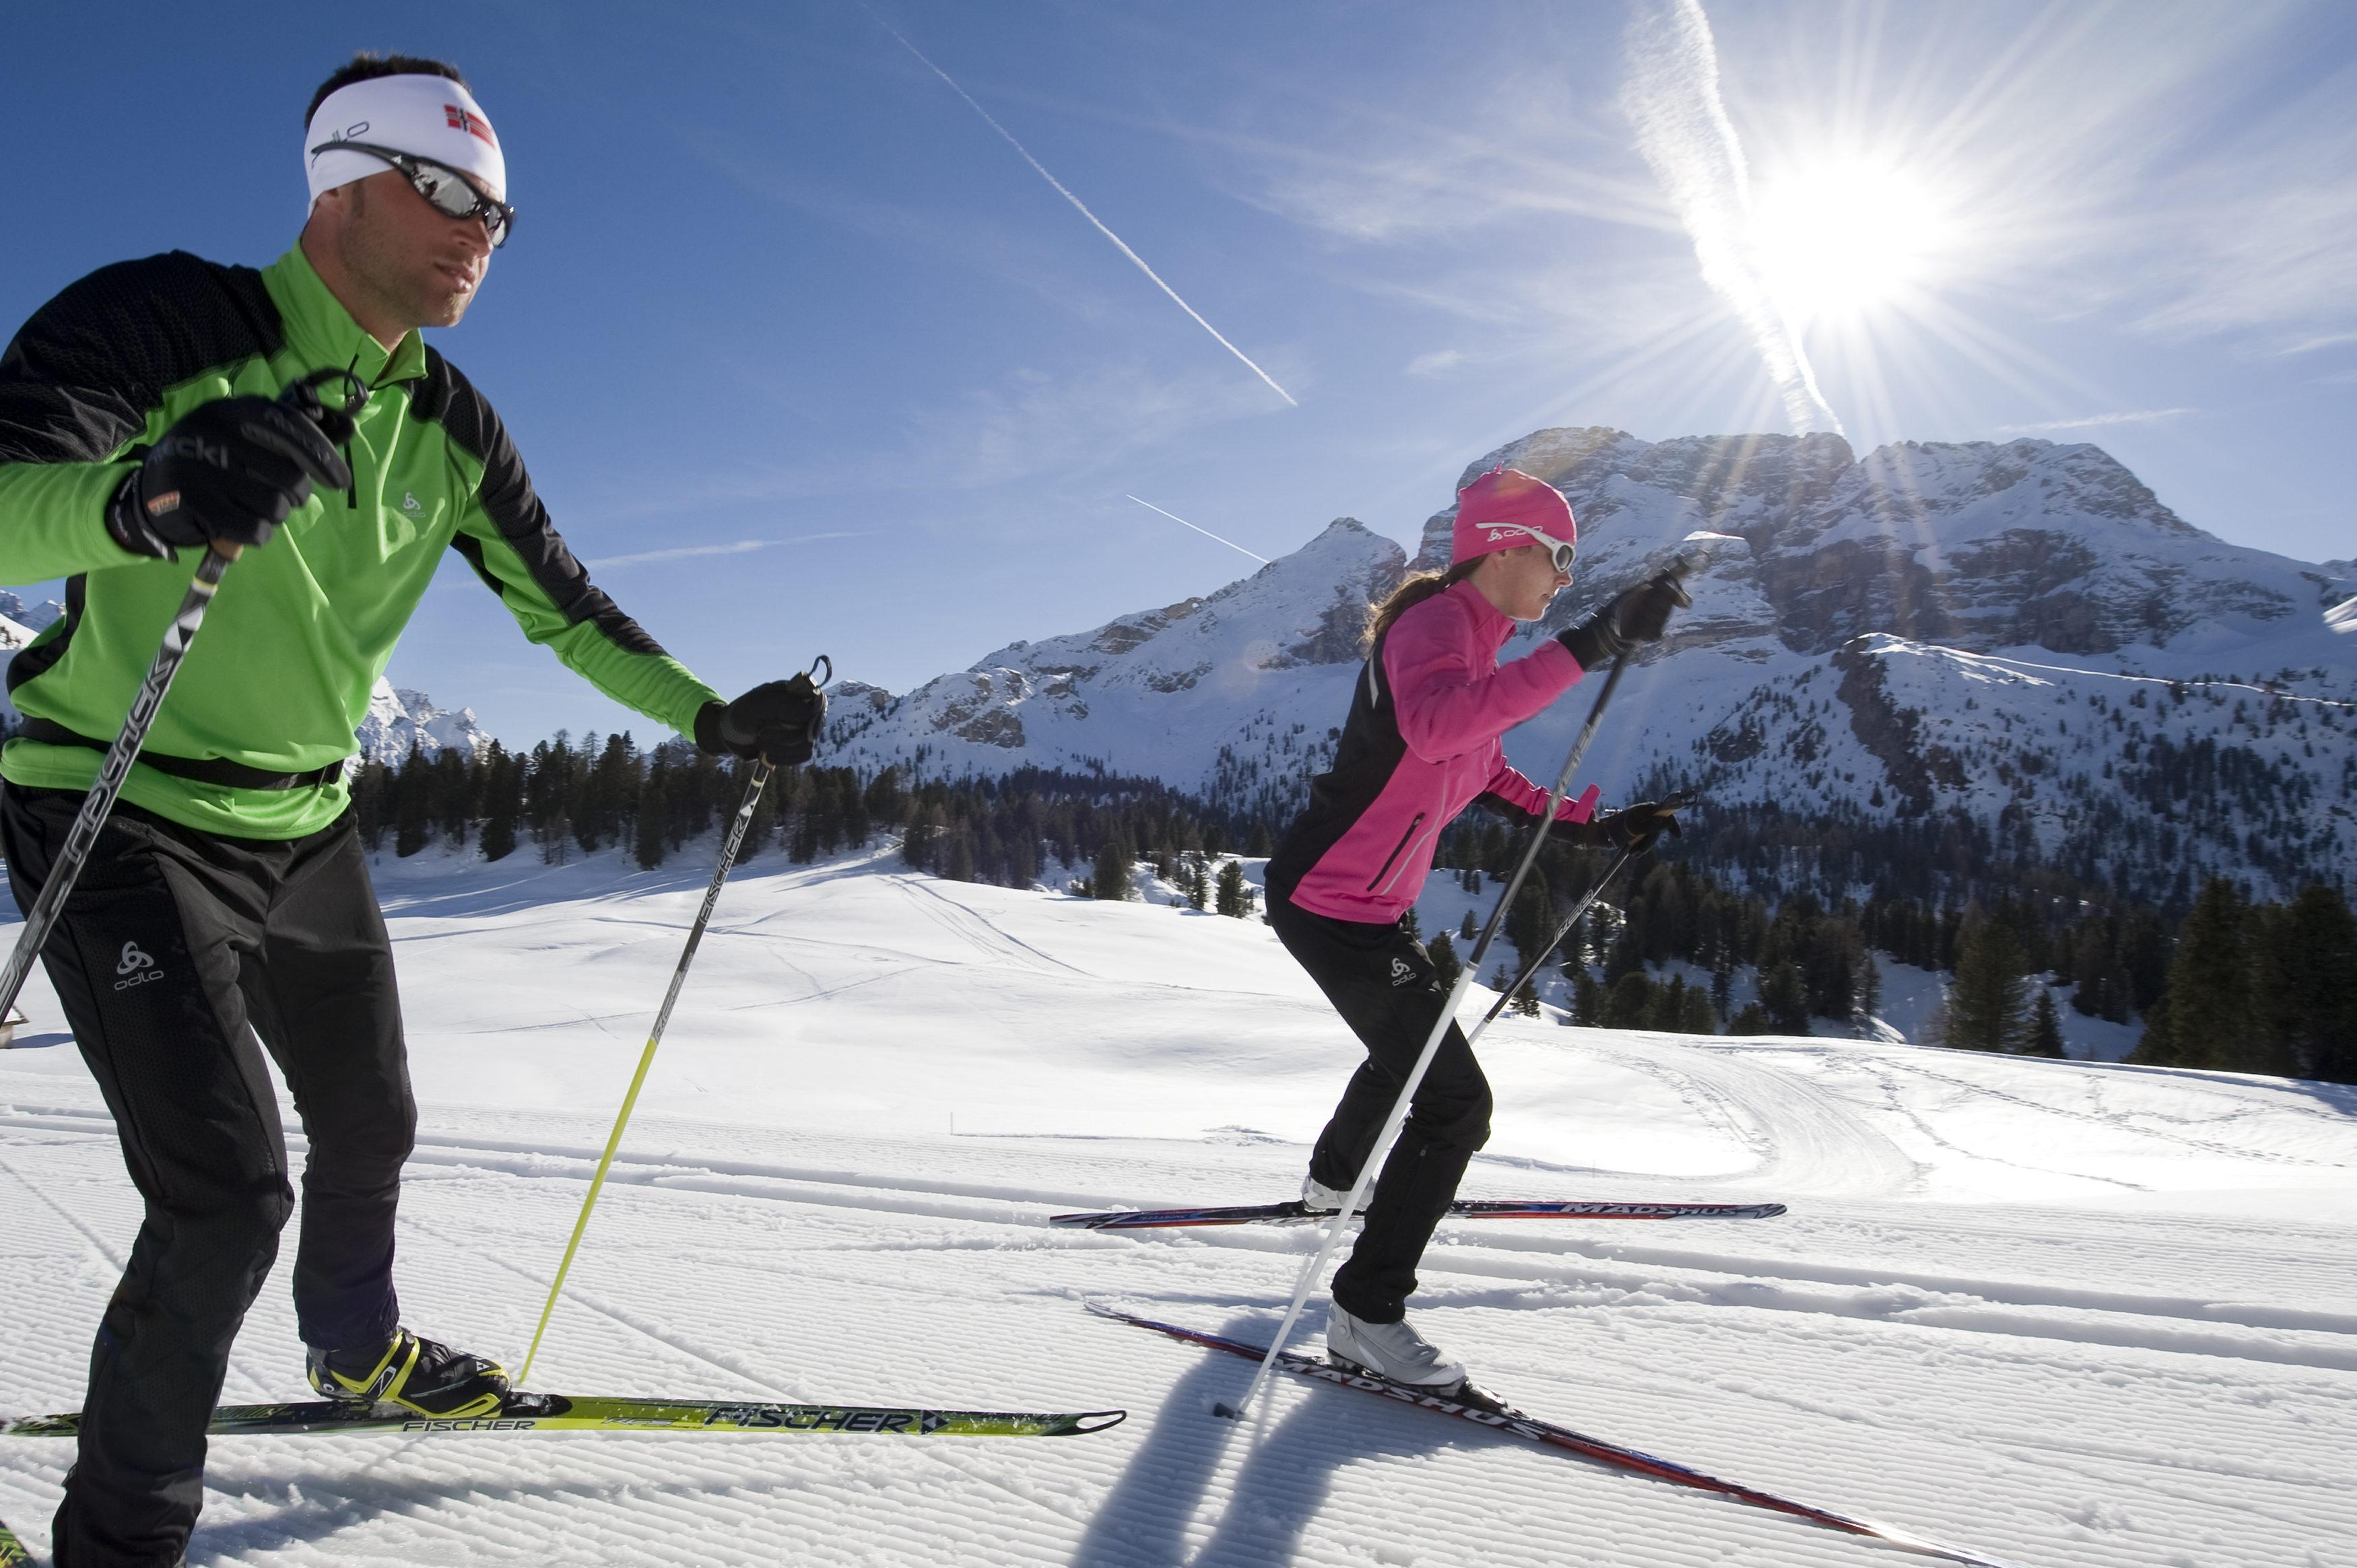 Langlauf Urlaub in Österreich, Deutschland, Italien und der Schweiz